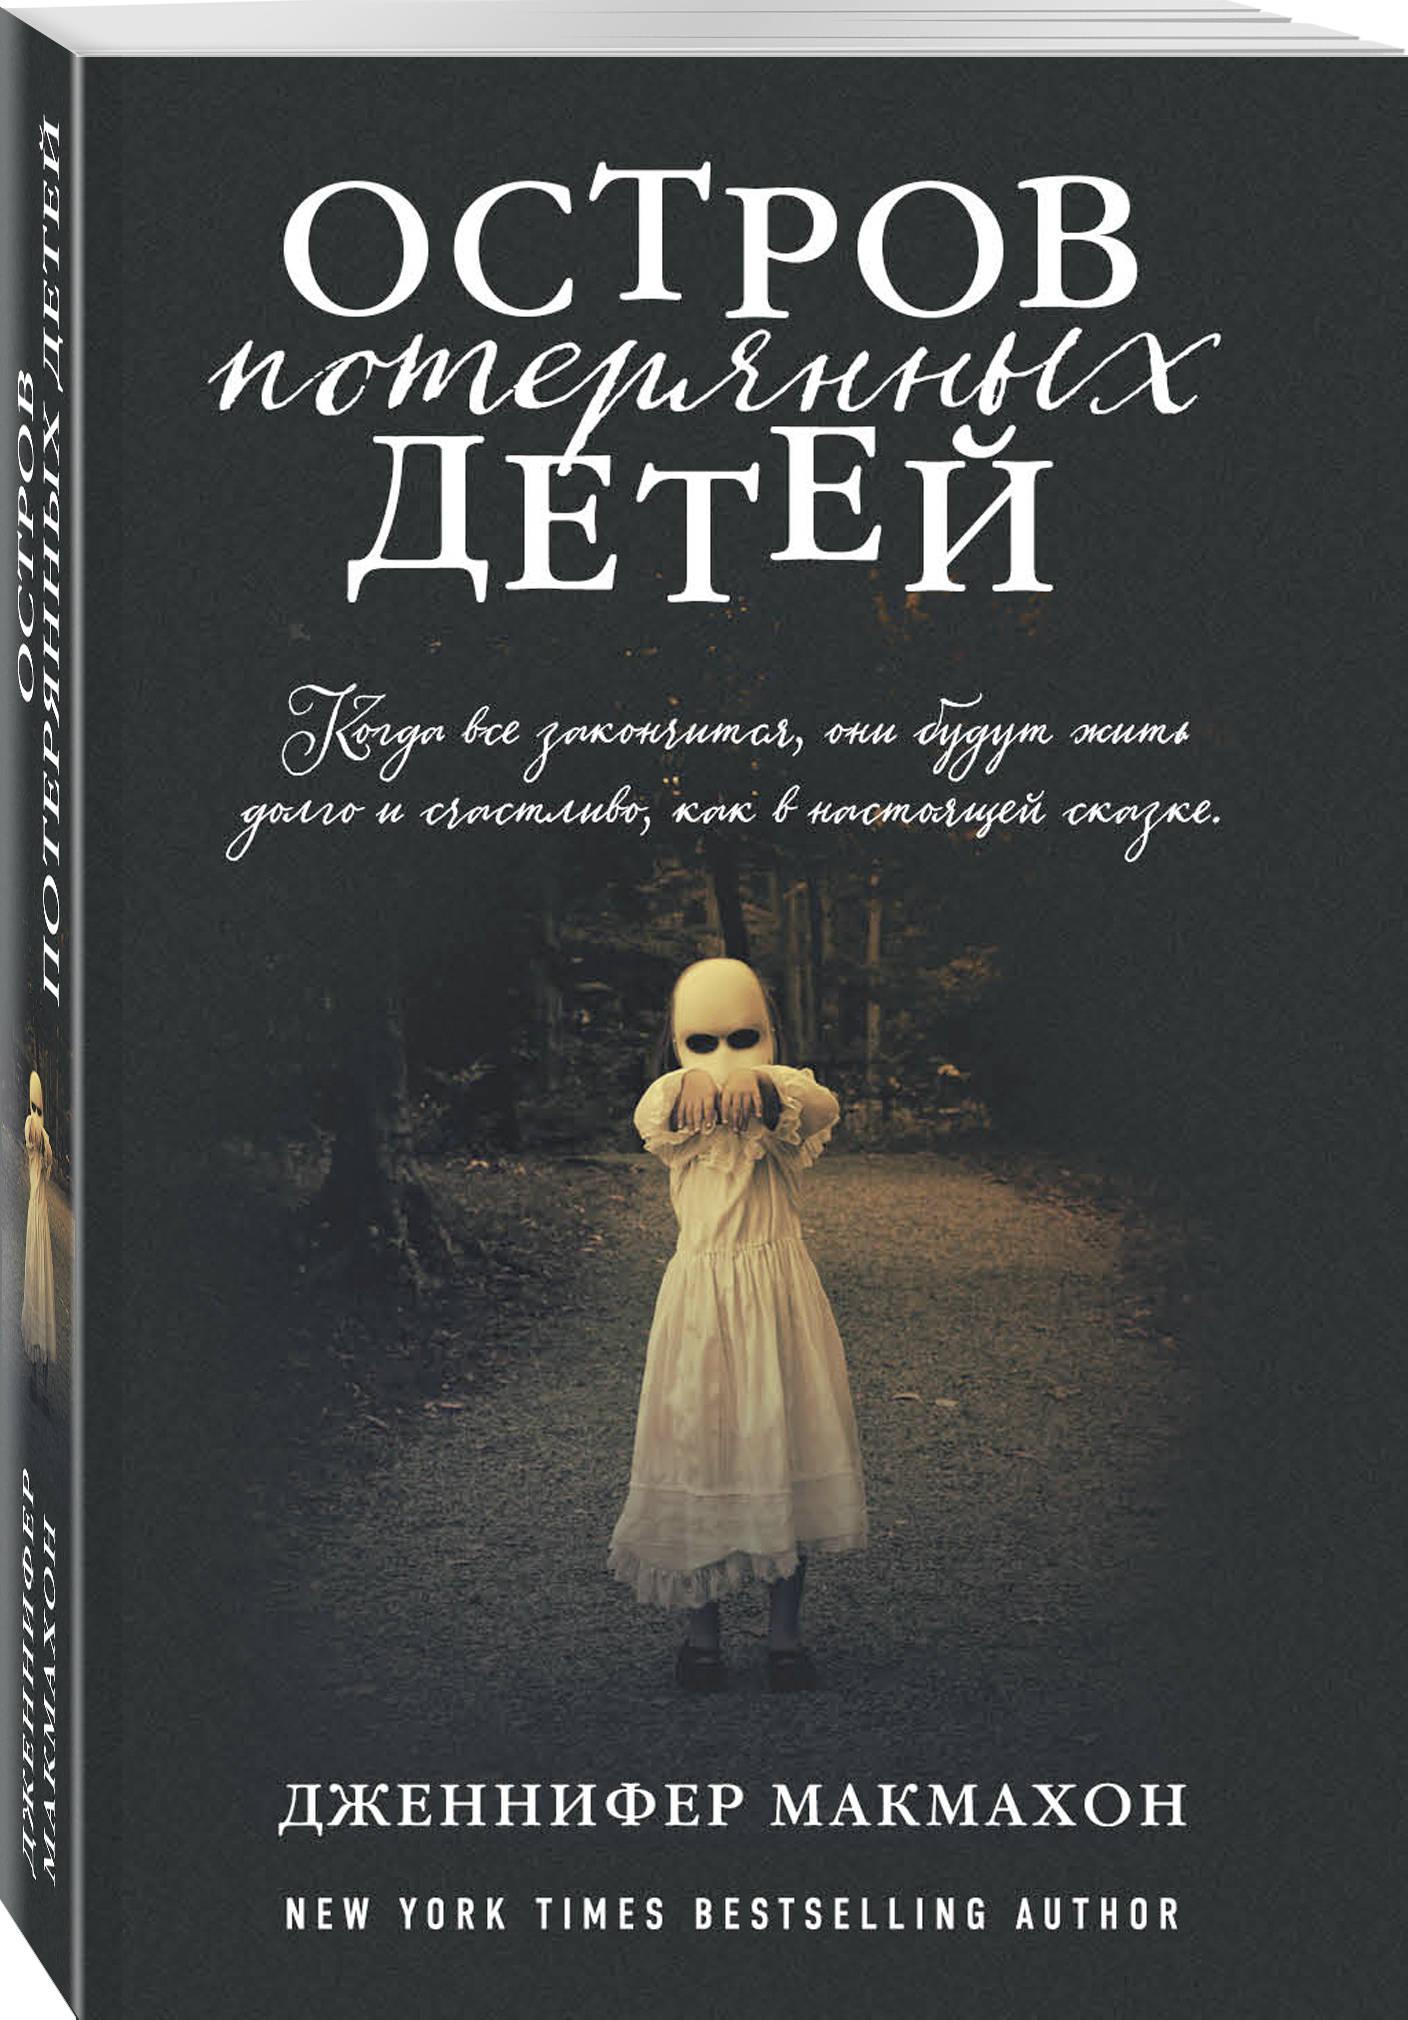 Макмахон Дженнифер Остров потерянных детей